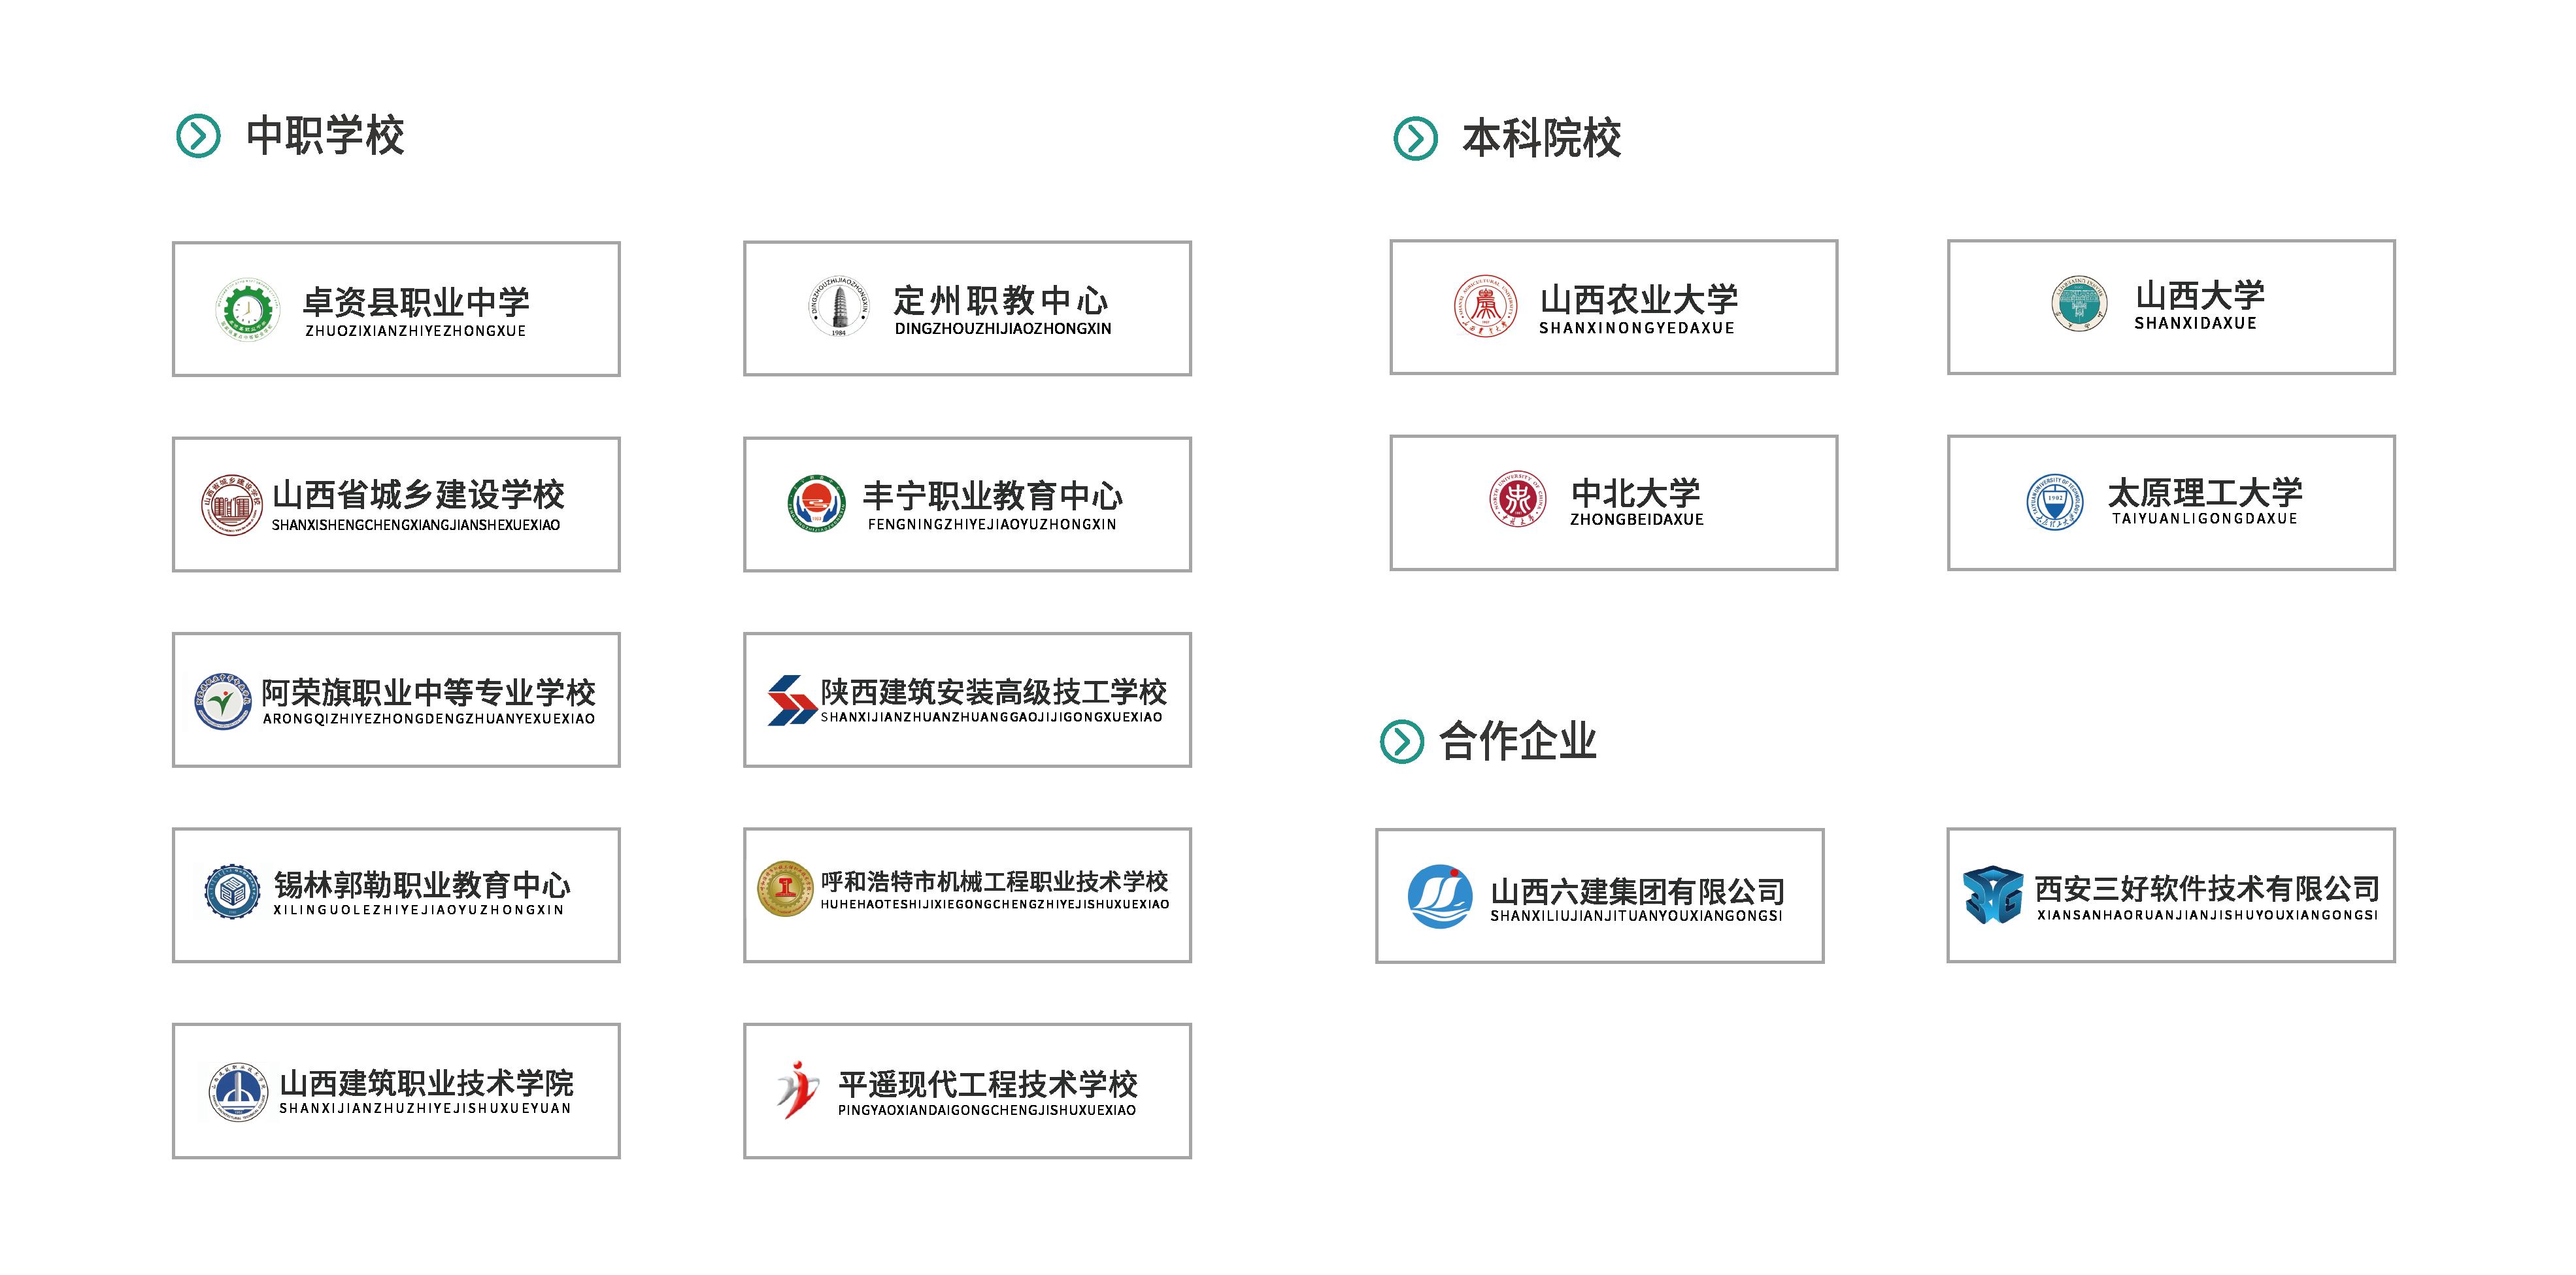 合作伙伴_画板 1.png